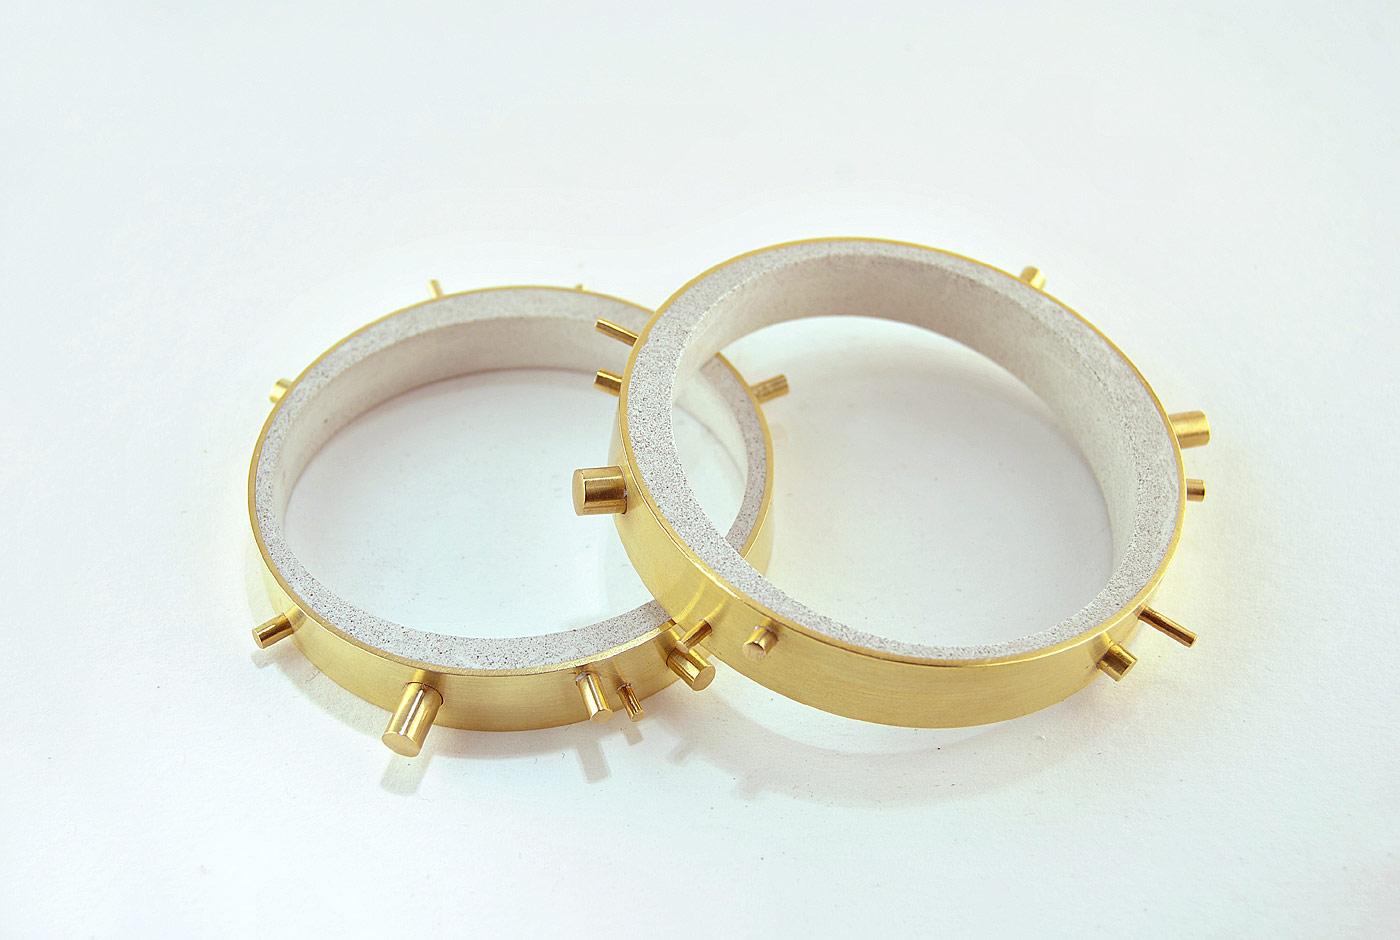 79BI/D - micro inerti/ottone